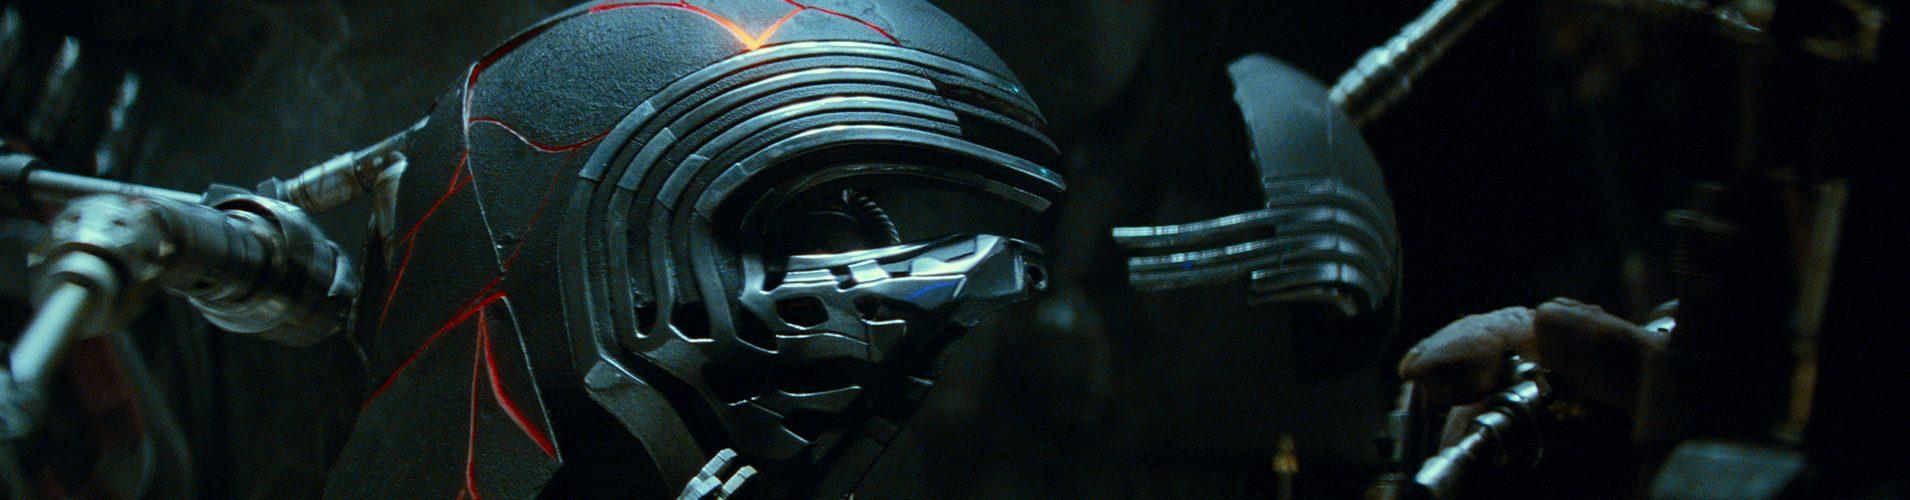 Kylo Ren's restored helmet in STAR WARS: EPISODE IX. Lucasfilm Ltd. (c) 2019 ILM and Lucasfilm Ltd.